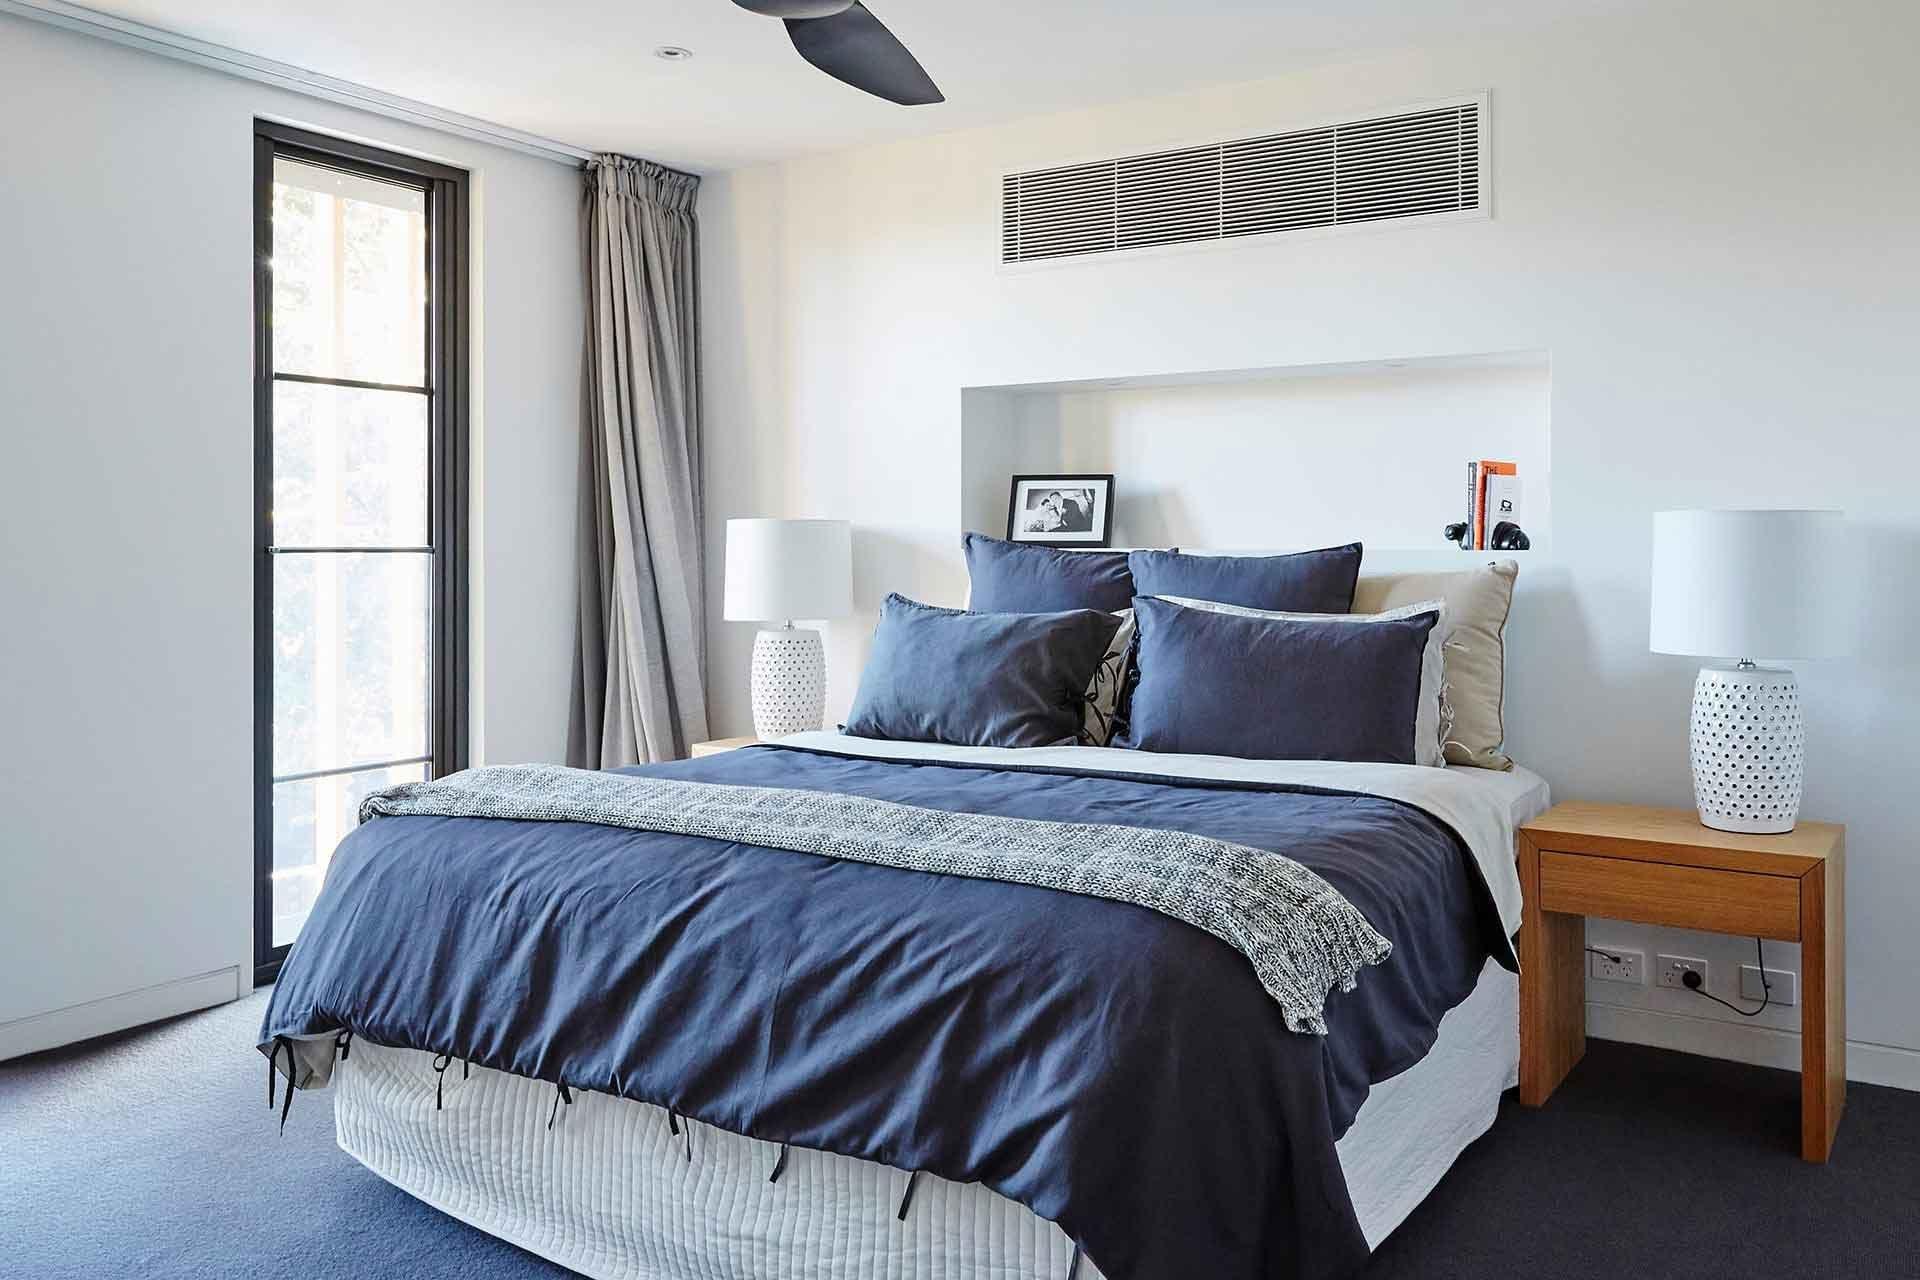 Kích thước giường ngủ cần phải phù hợp với không gian xung quanh phòng